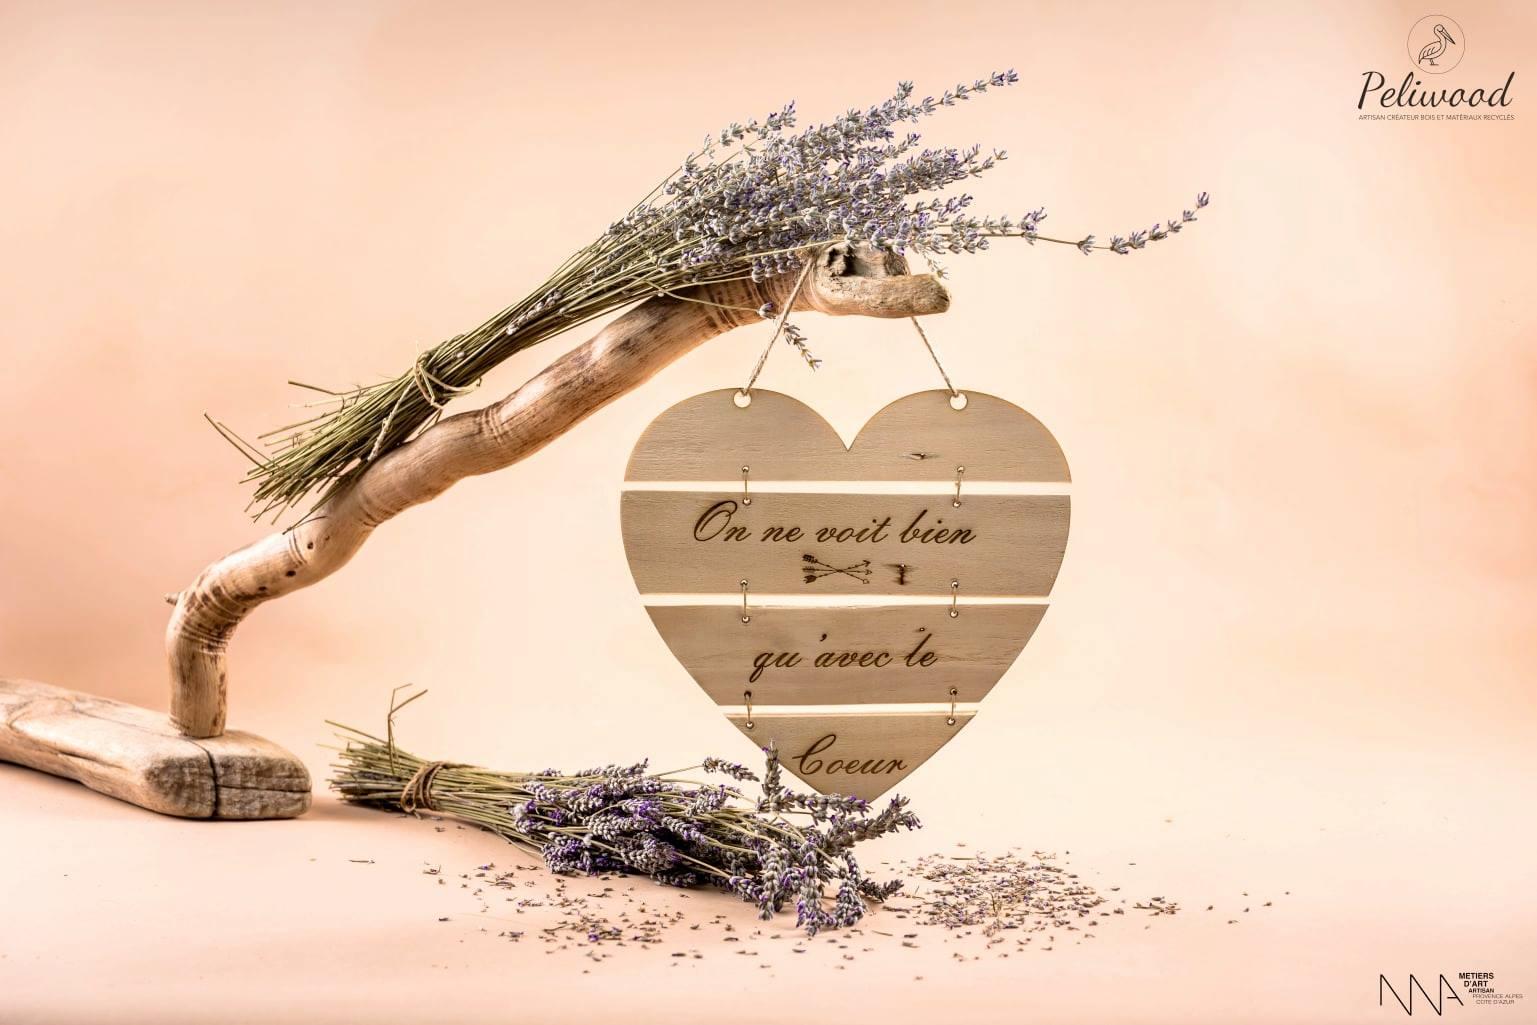 Coeur en bois peliwood